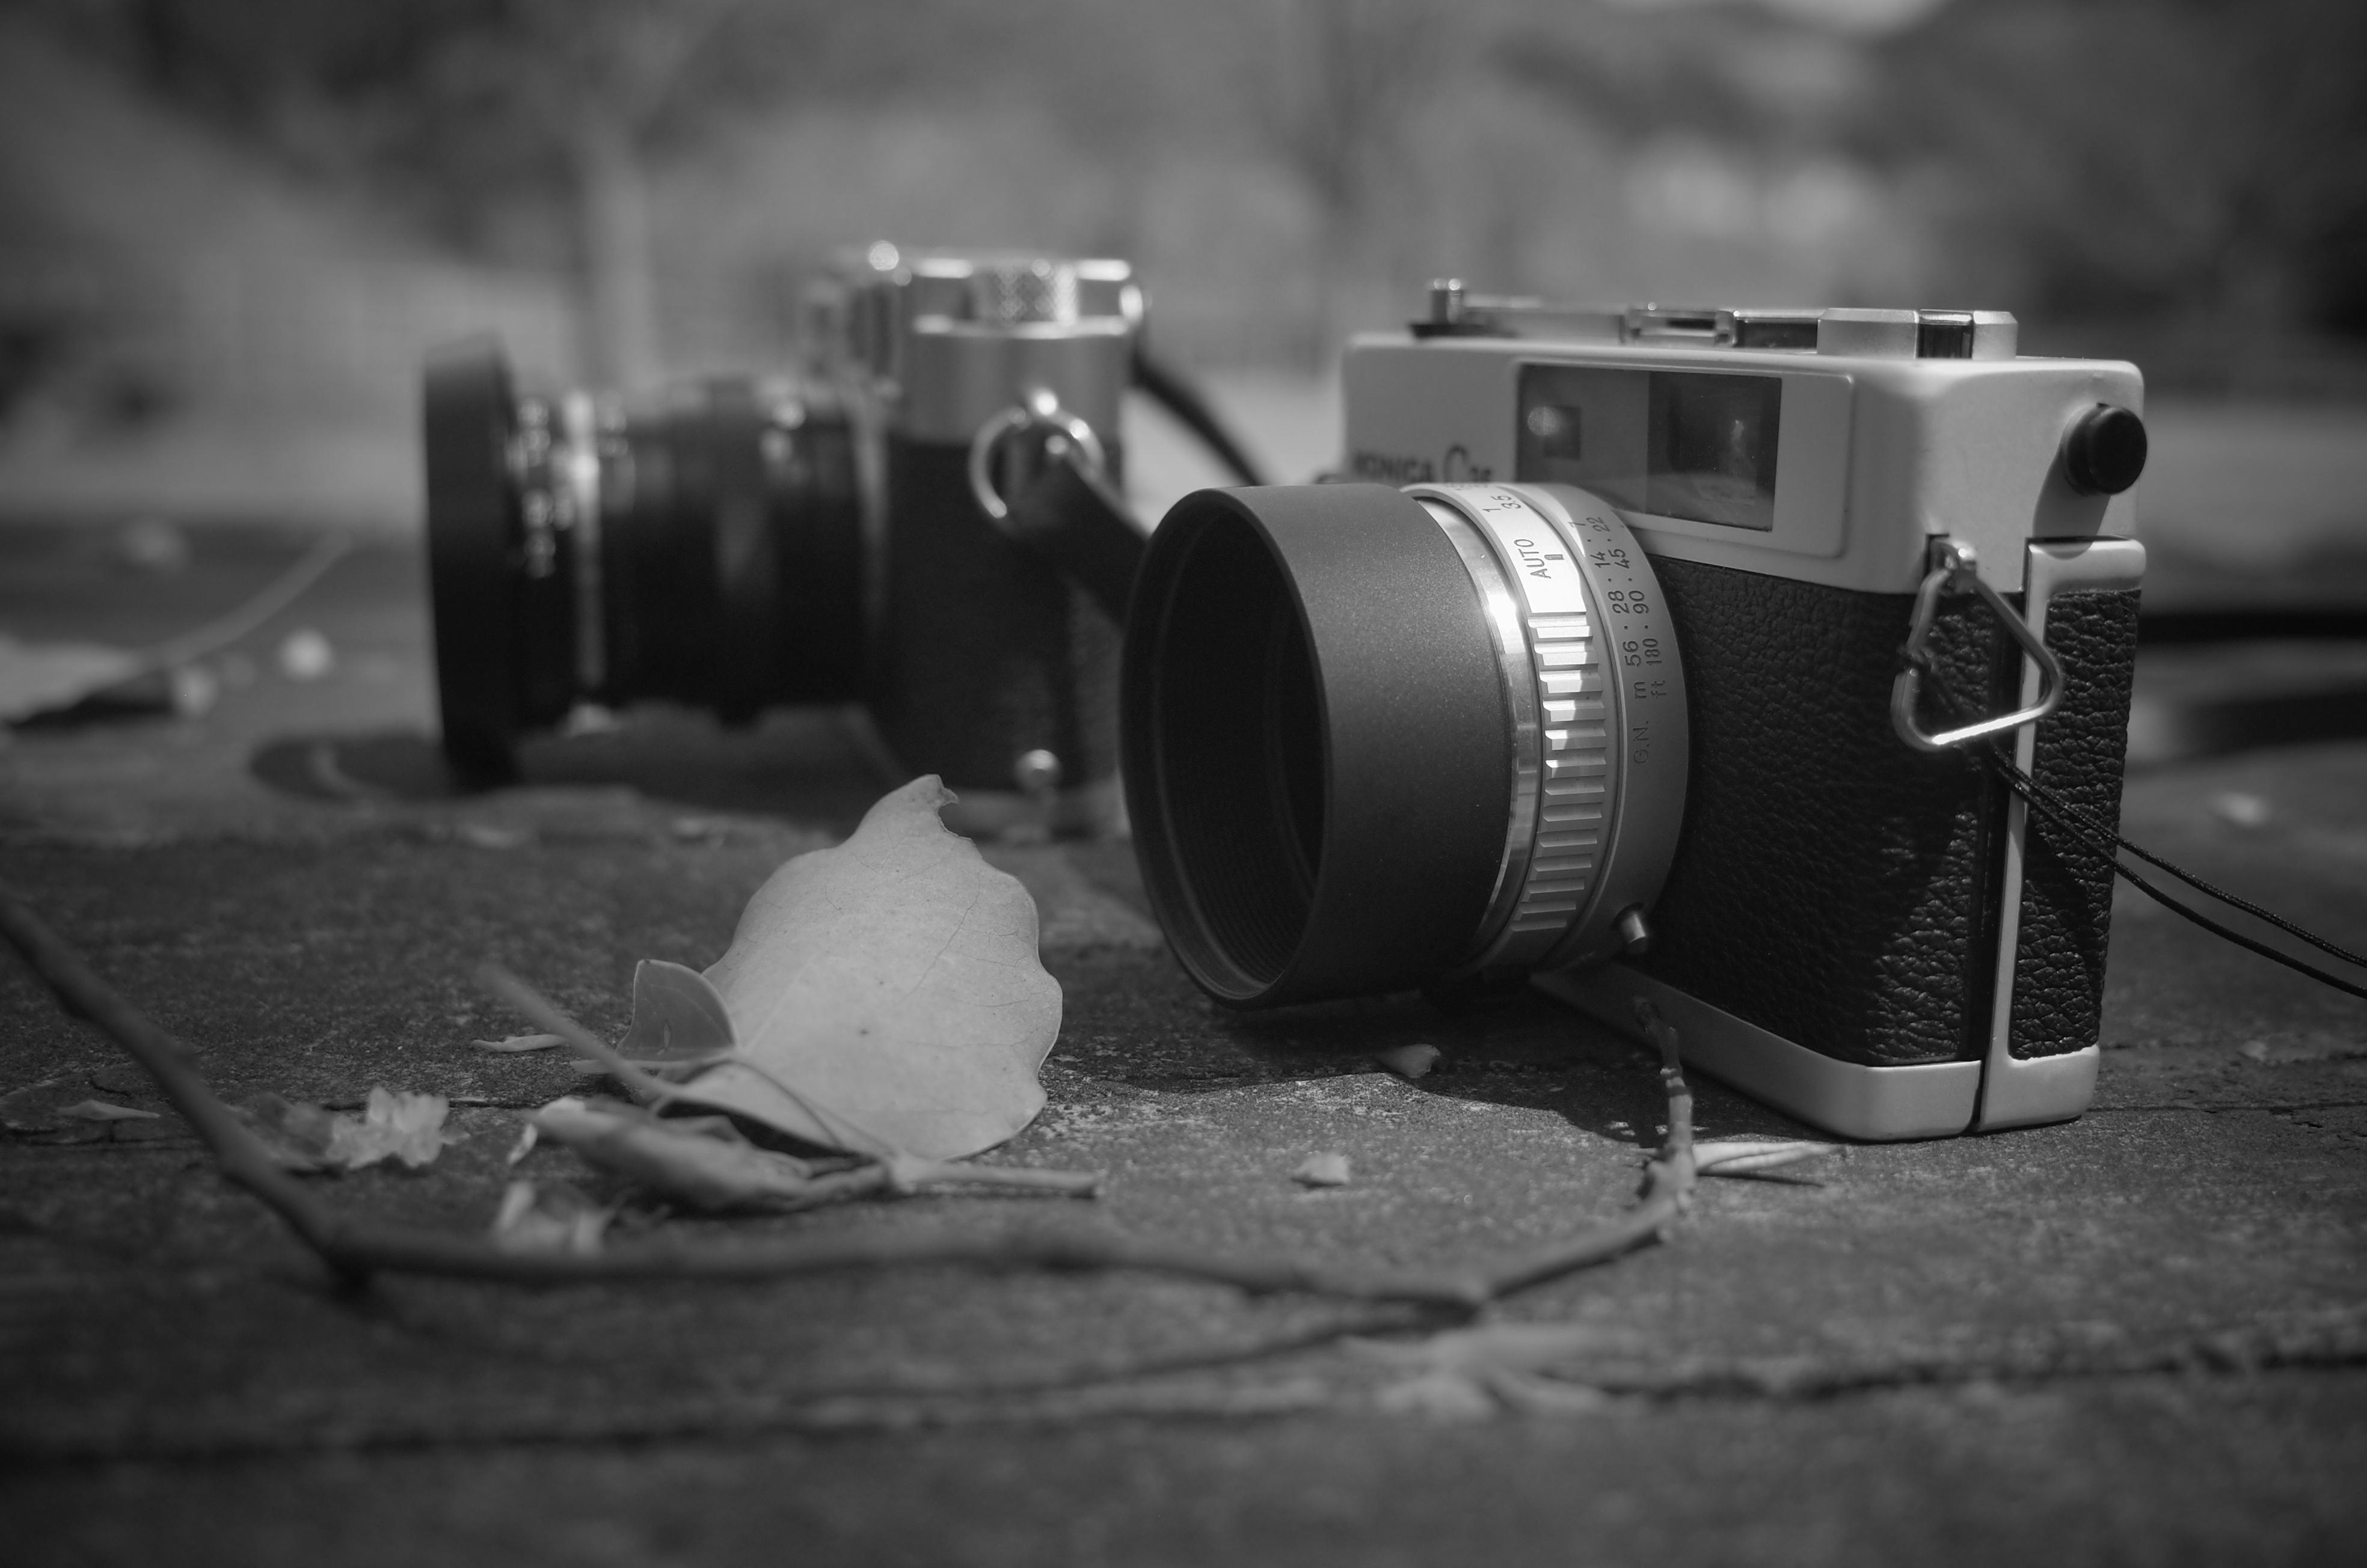 カメラの歴史を見てきた人と話をするのは、とてもとても楽しい。